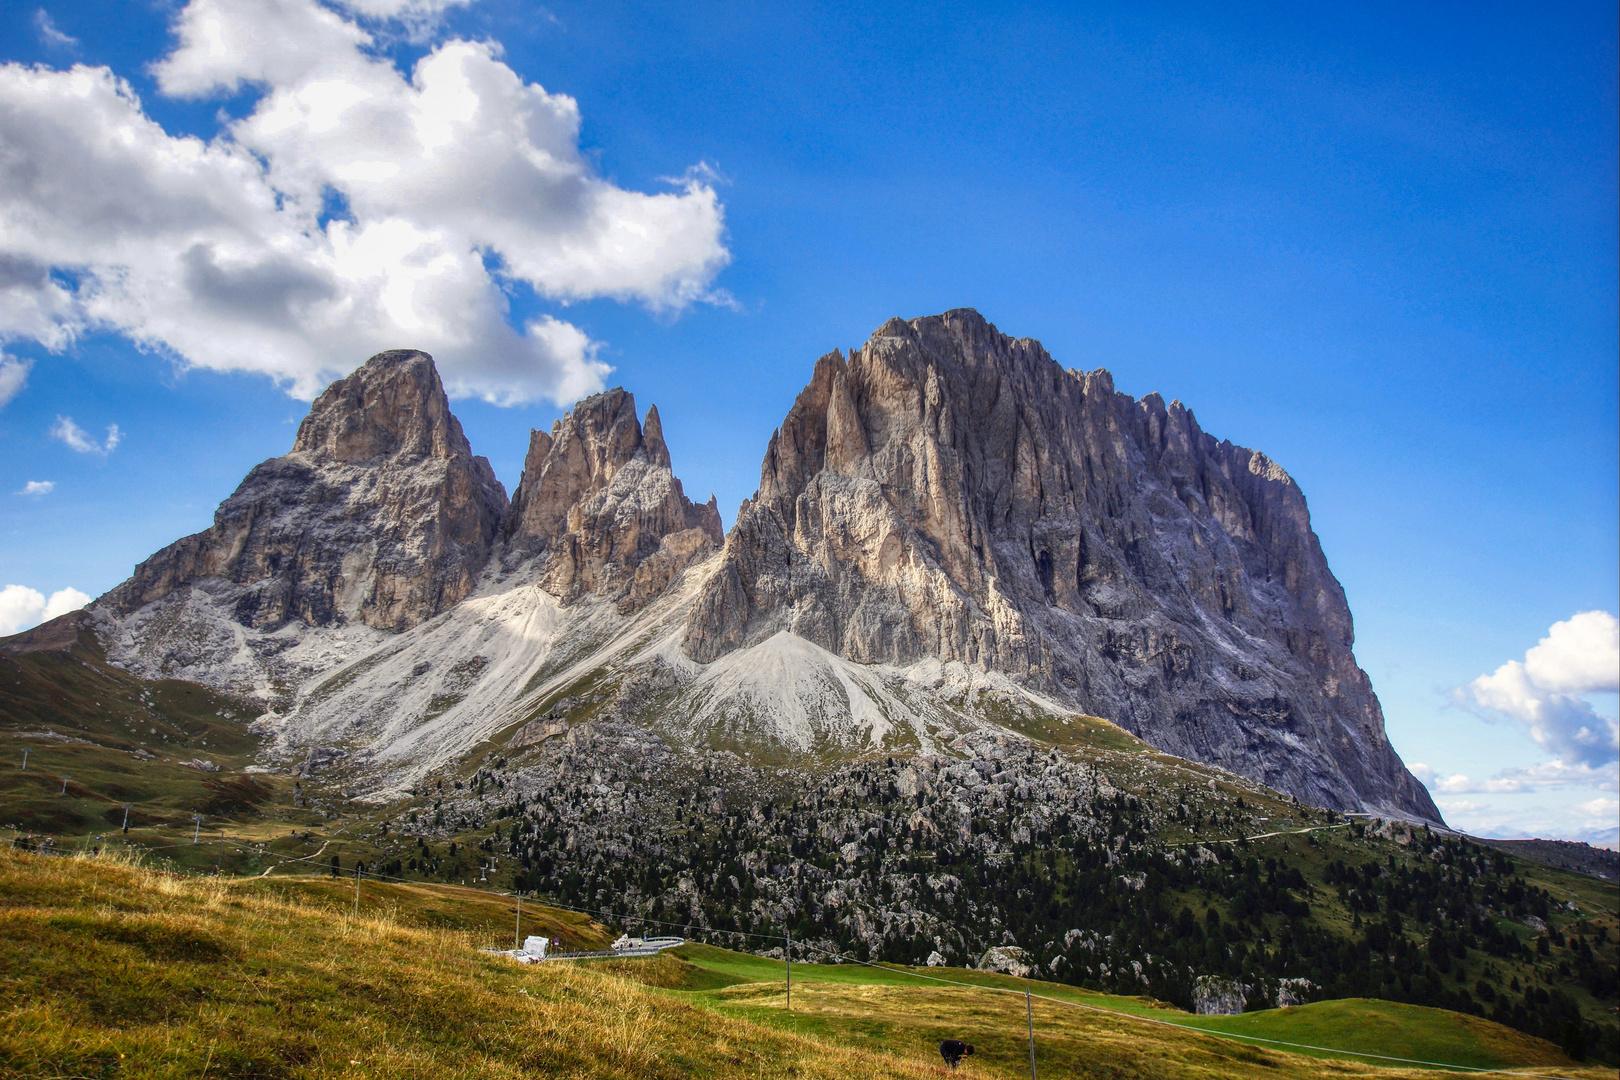 unvergessliche Bergwelt